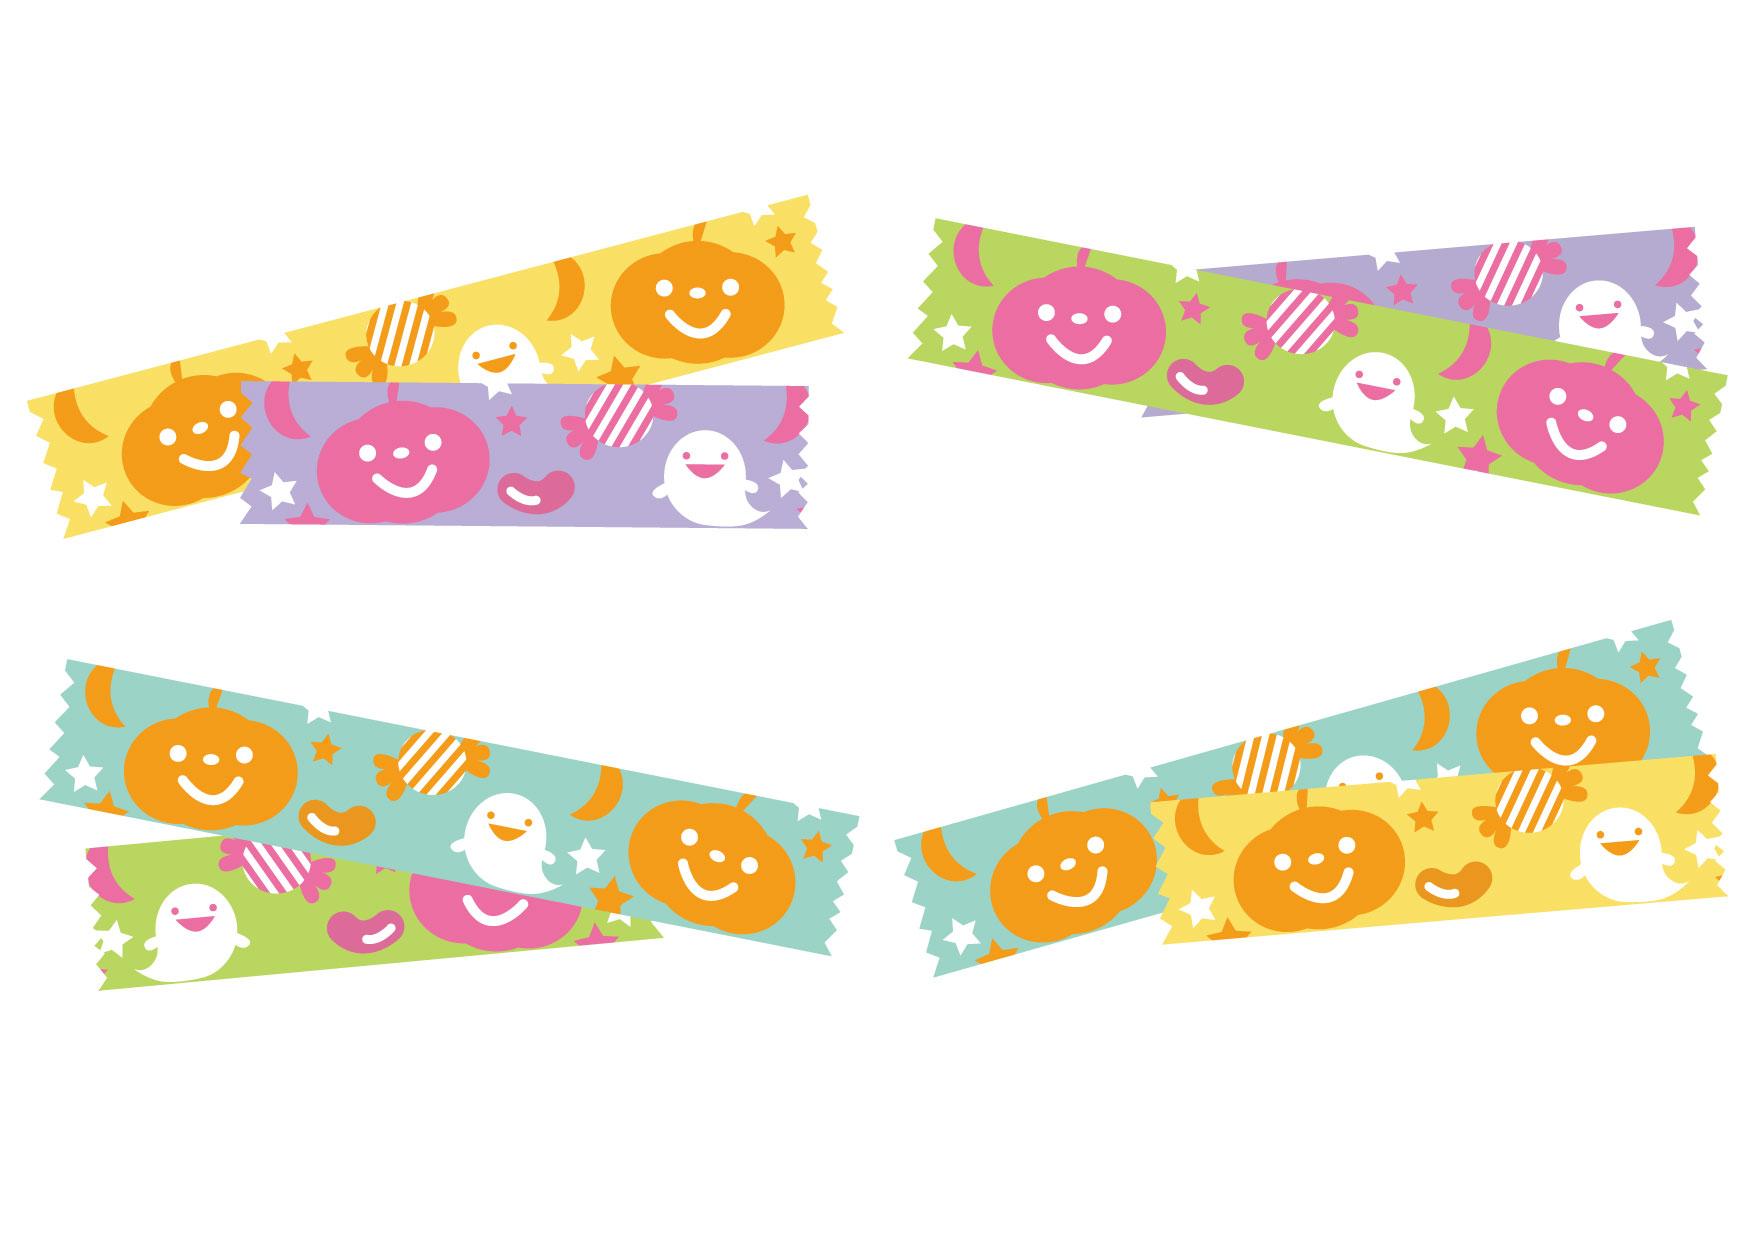 可愛いイラスト無料|ハロウィン マスキングテープ カラフル − free illustration Halloween masking tape colorful